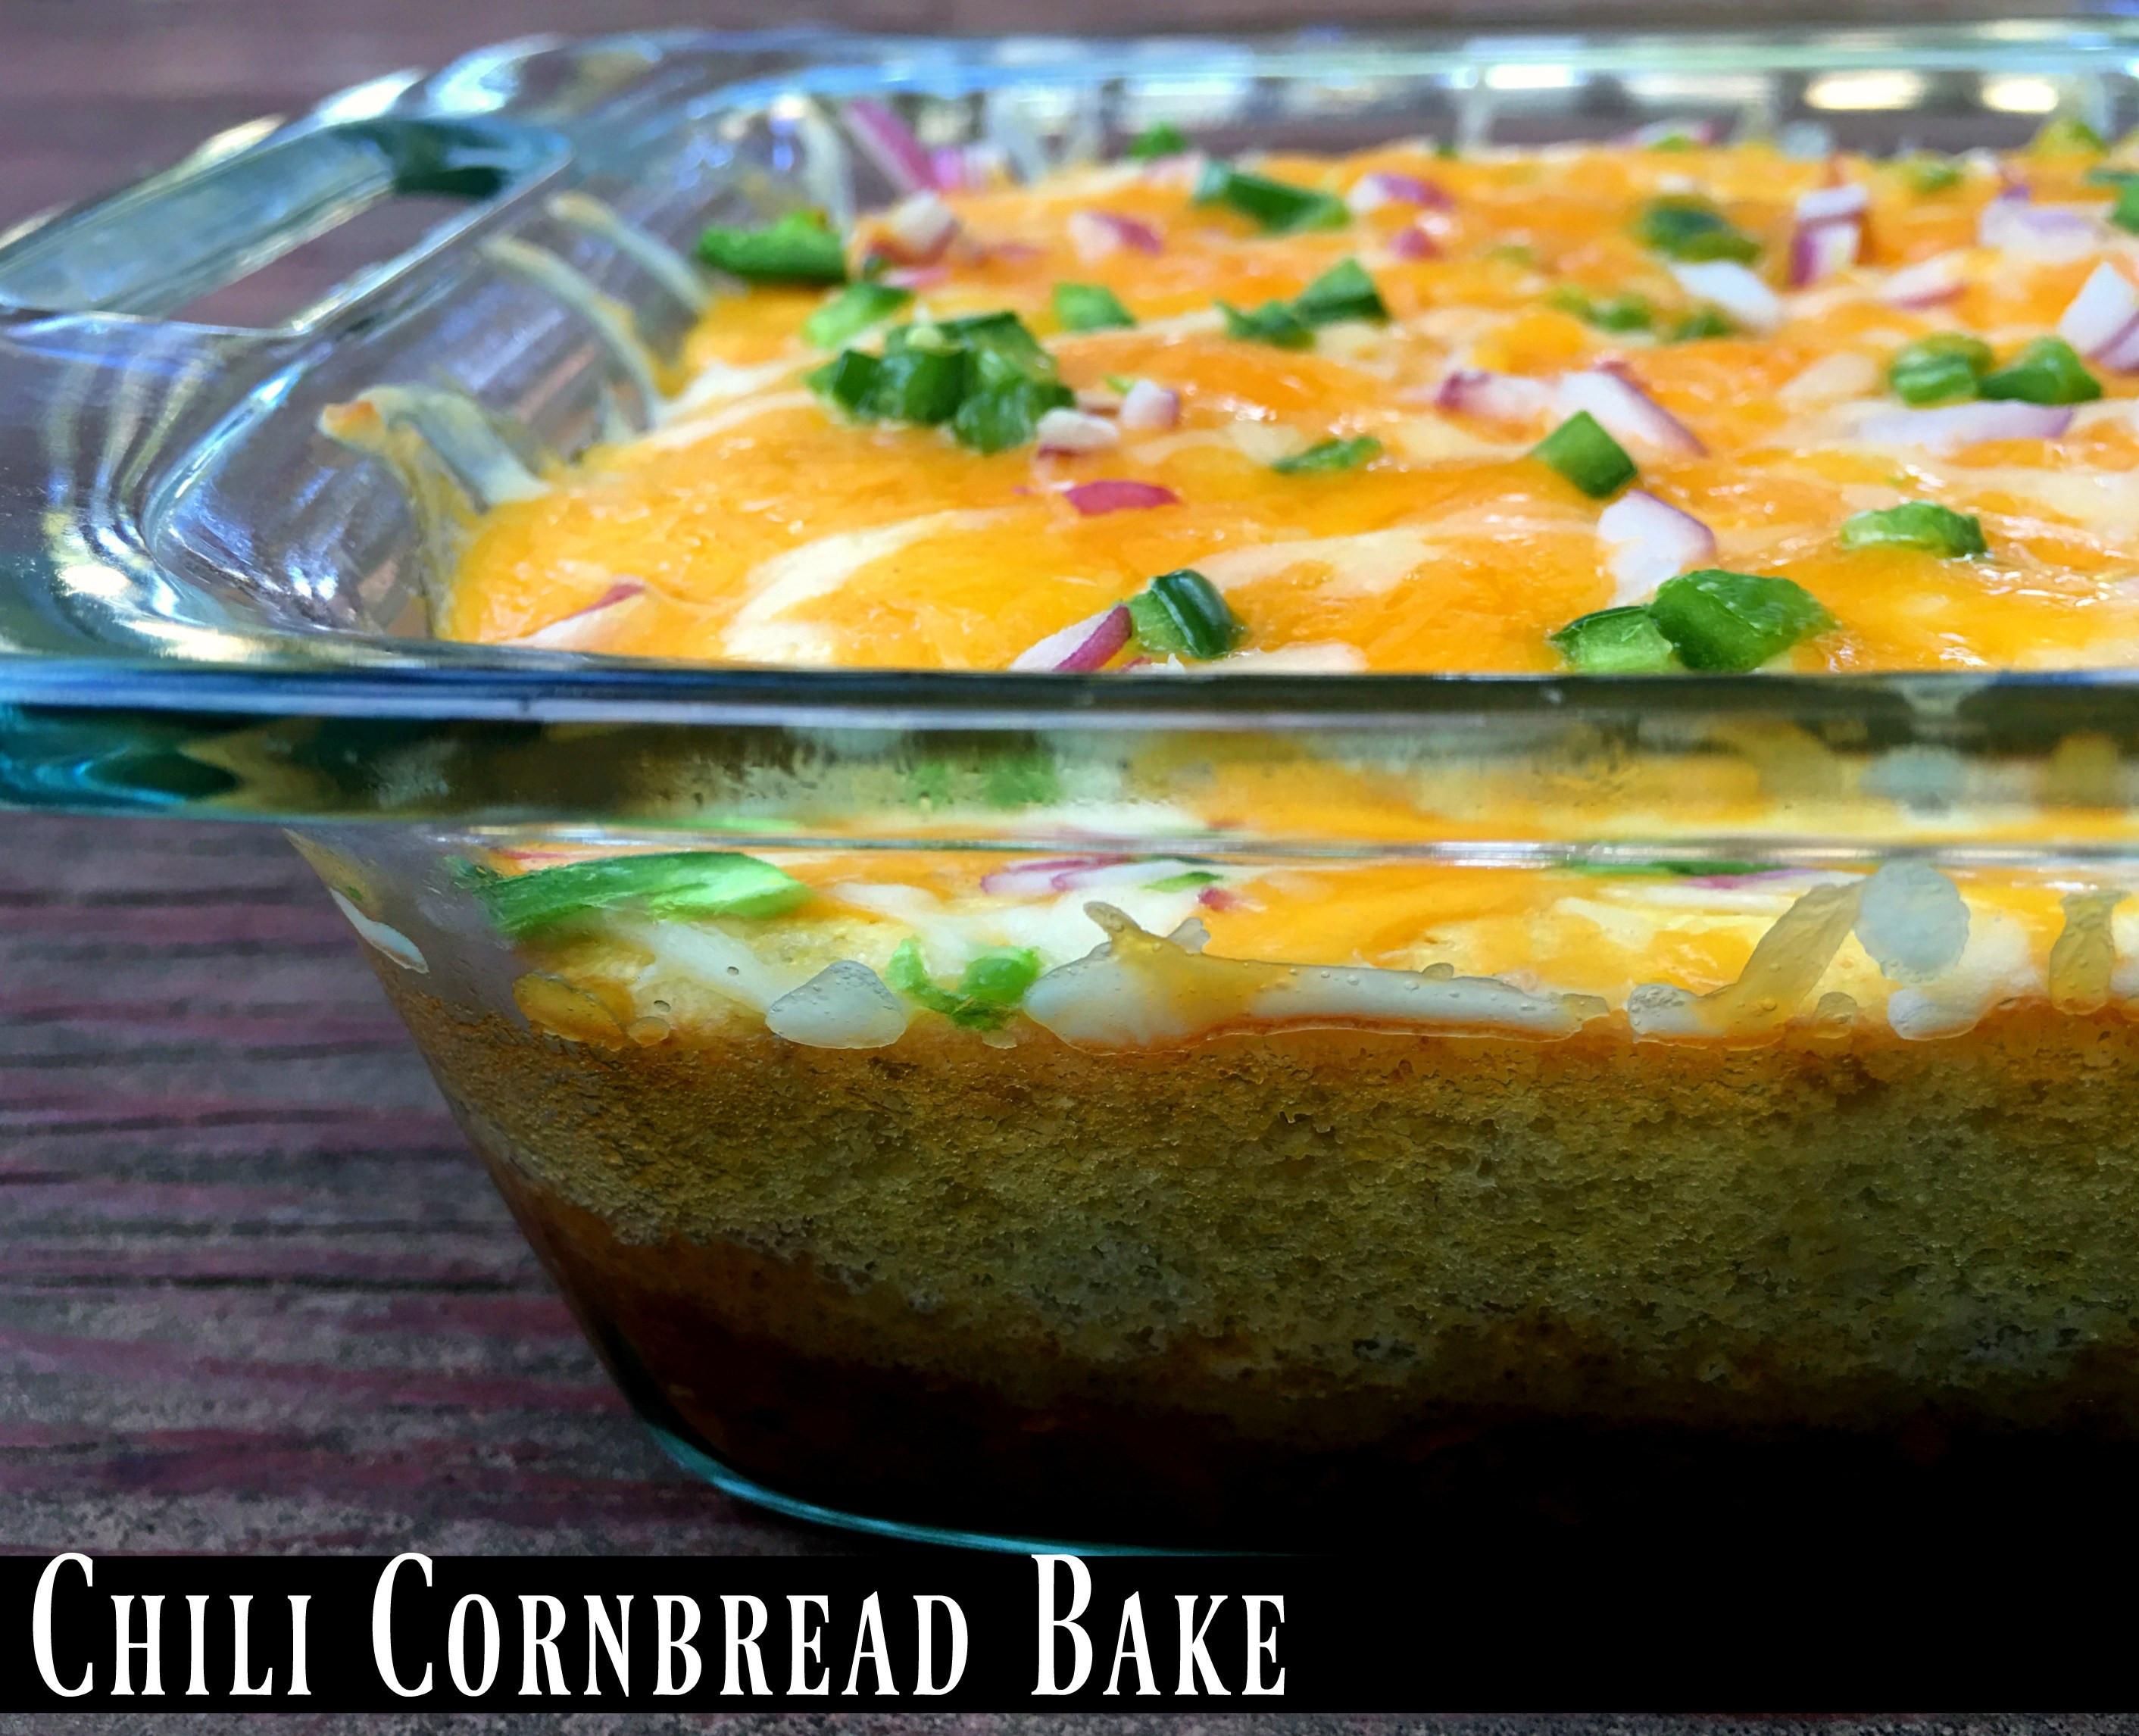 Chili Cornbread Bake  Leftover Chili Cornbread Bake Aunt Bee s Recipes